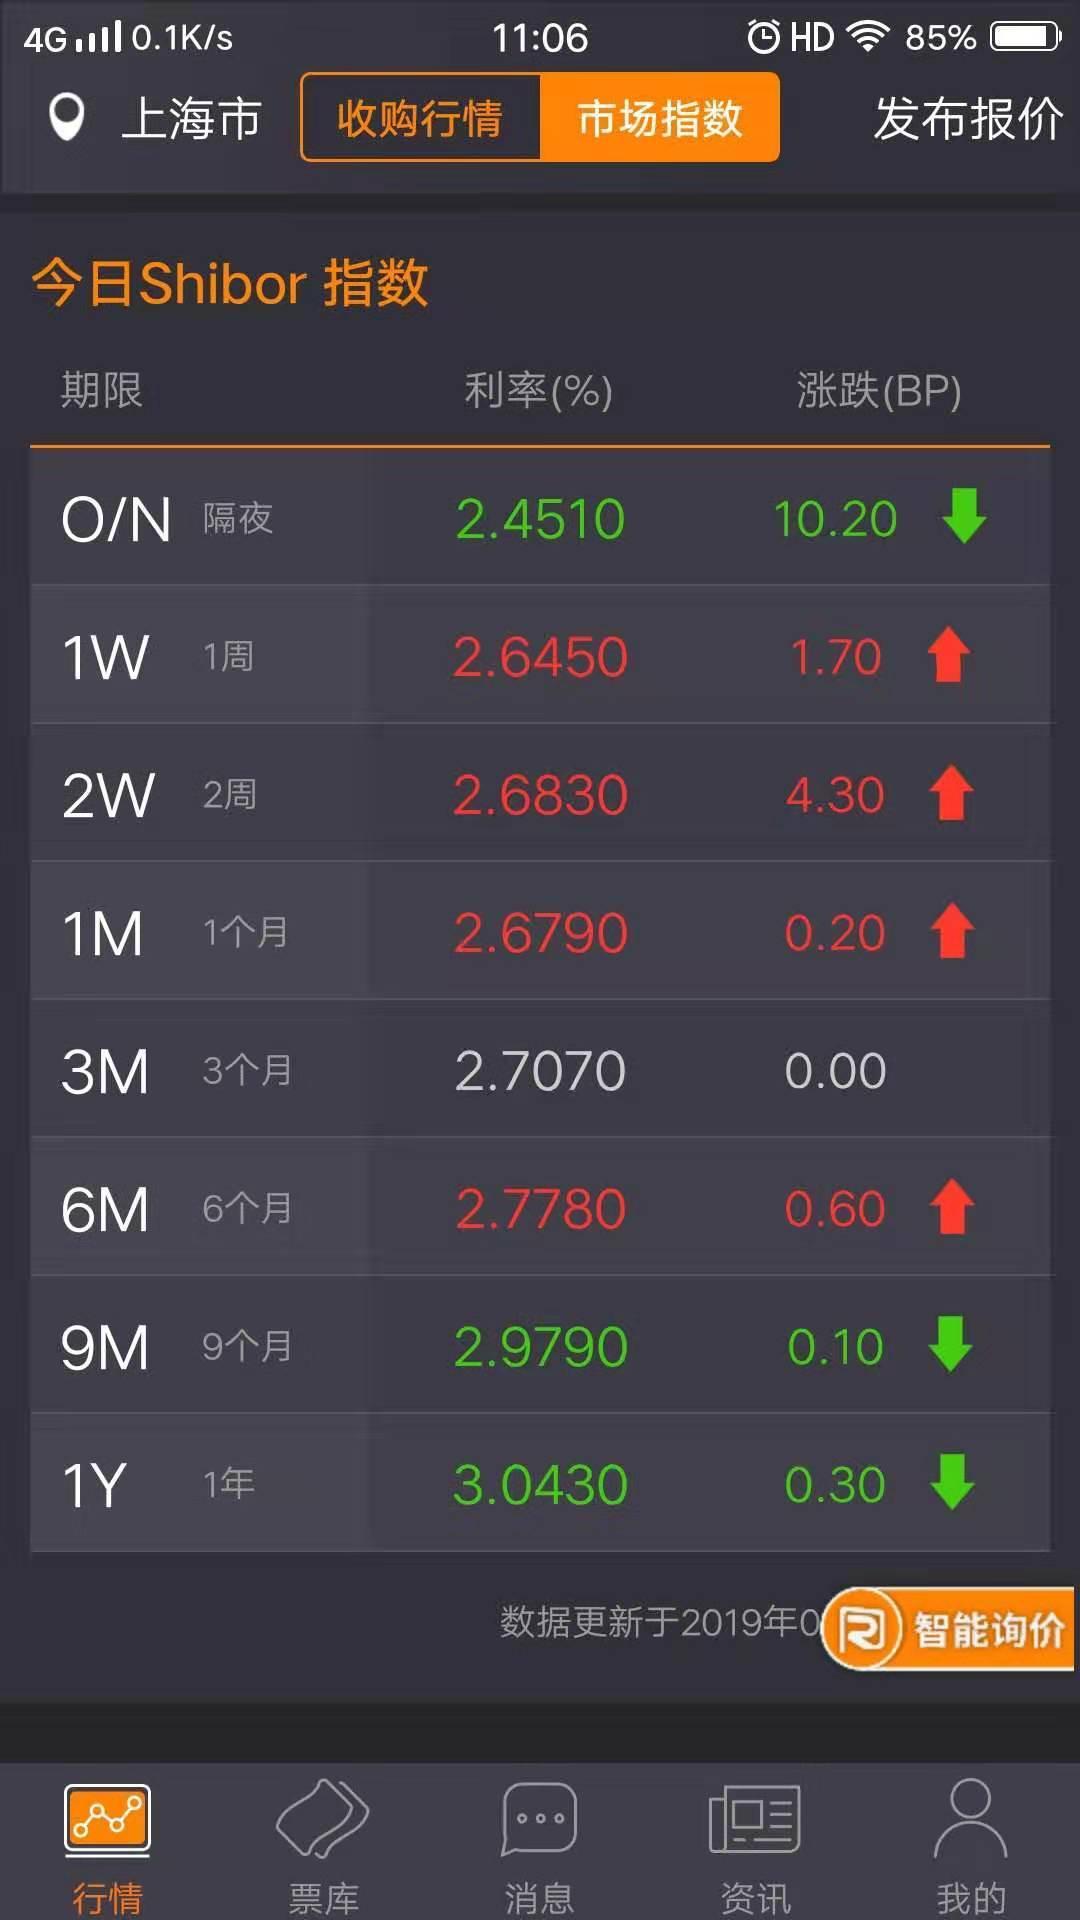 【票据报价简析】节前交易活跃,票价继续上涨